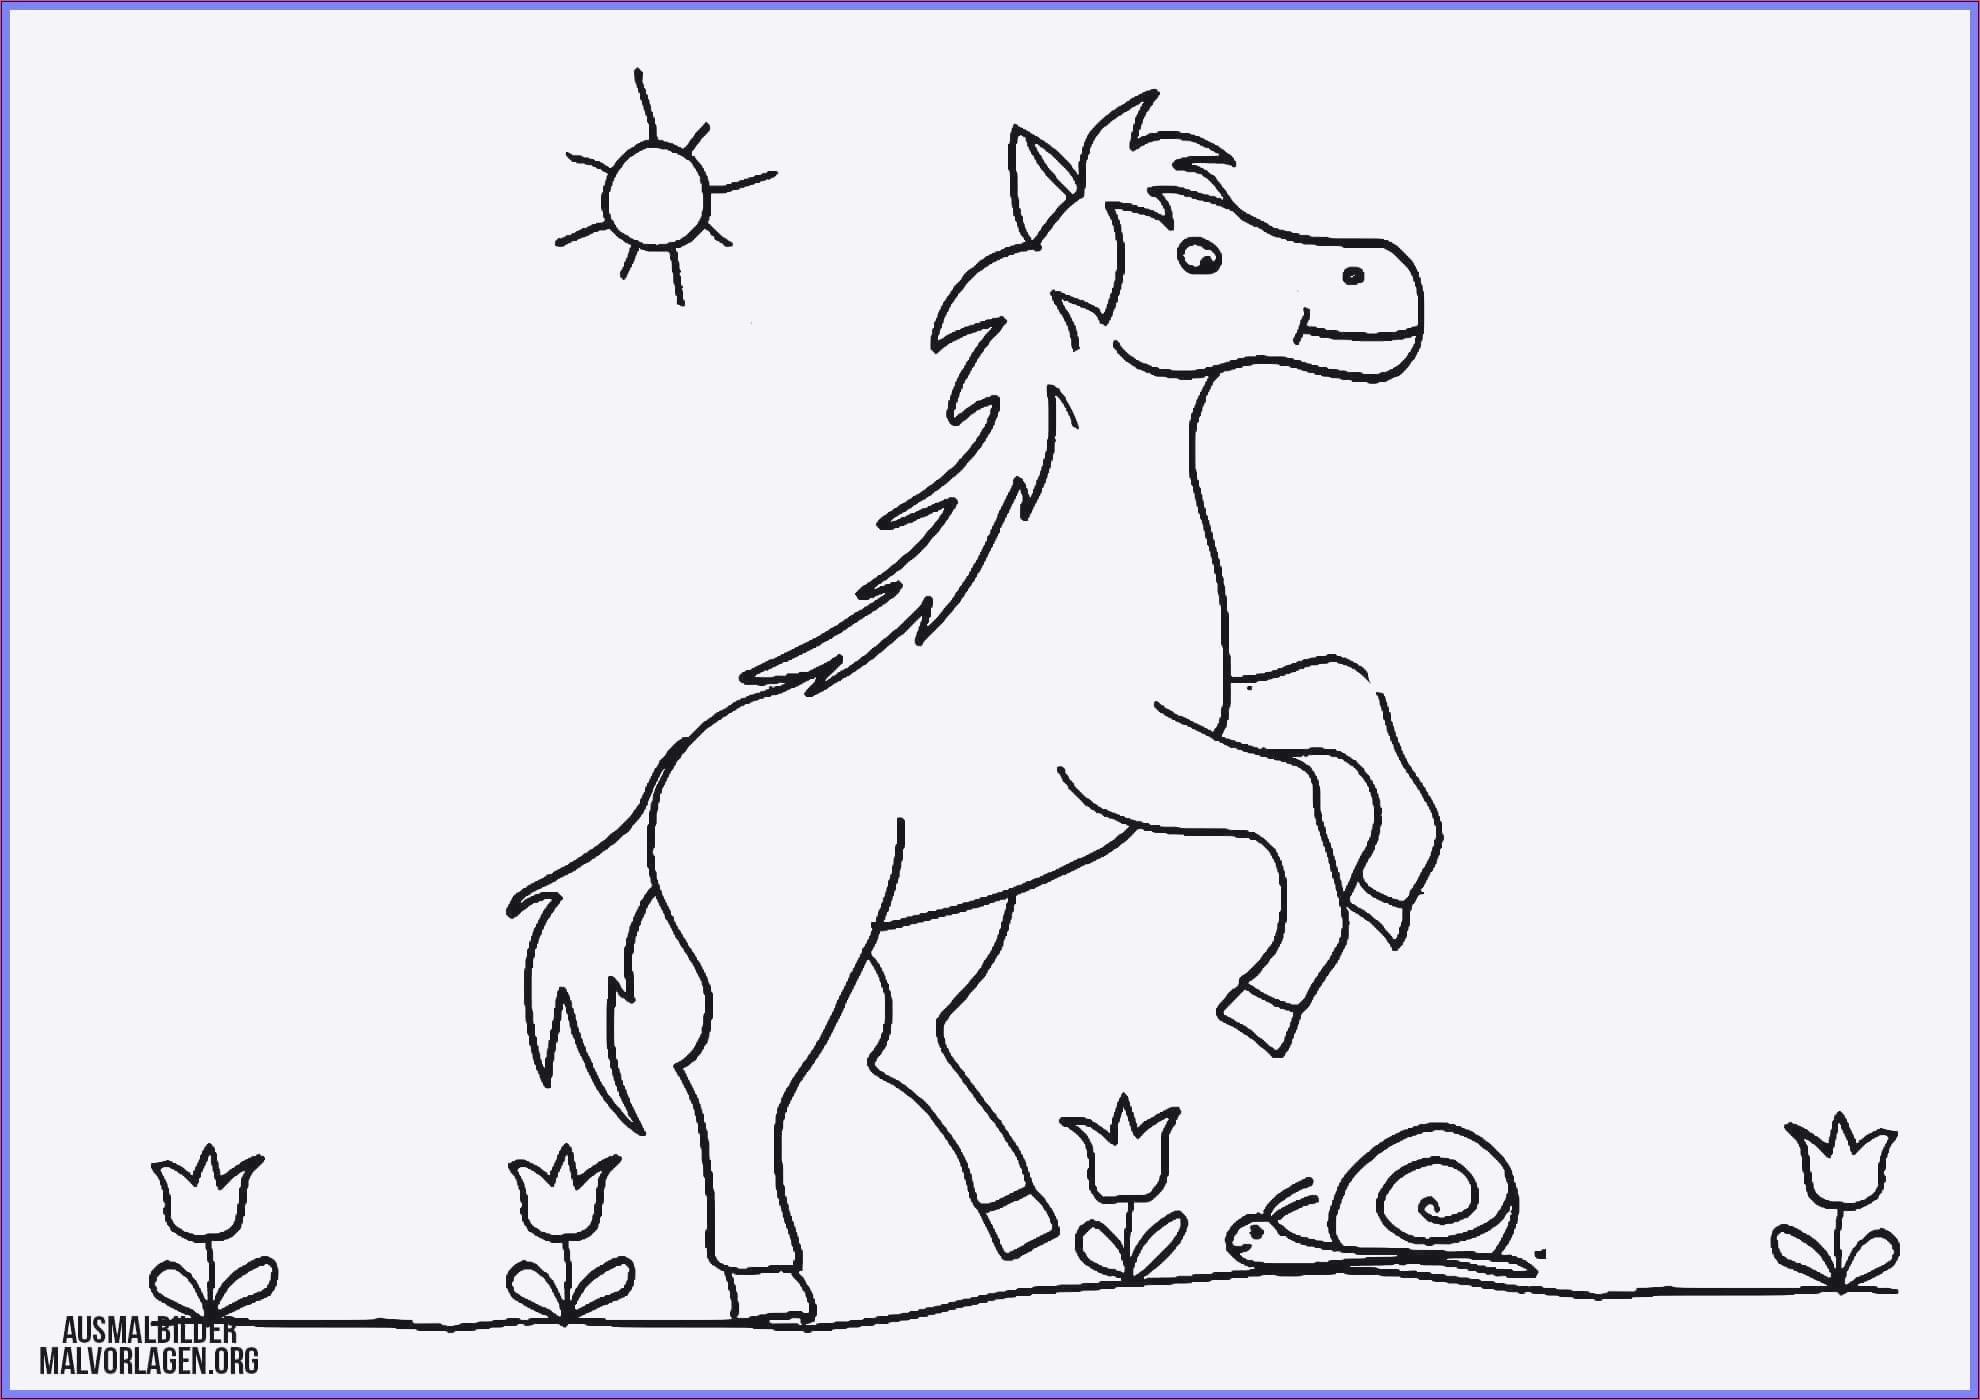 Ausmalbilder Dragons Auf Zu Neuen Ufern Inspirierend 37 Ausmalbilder Pferd Mit Fohlen Scoredatscore Schön Ausmalbilder Fotografieren